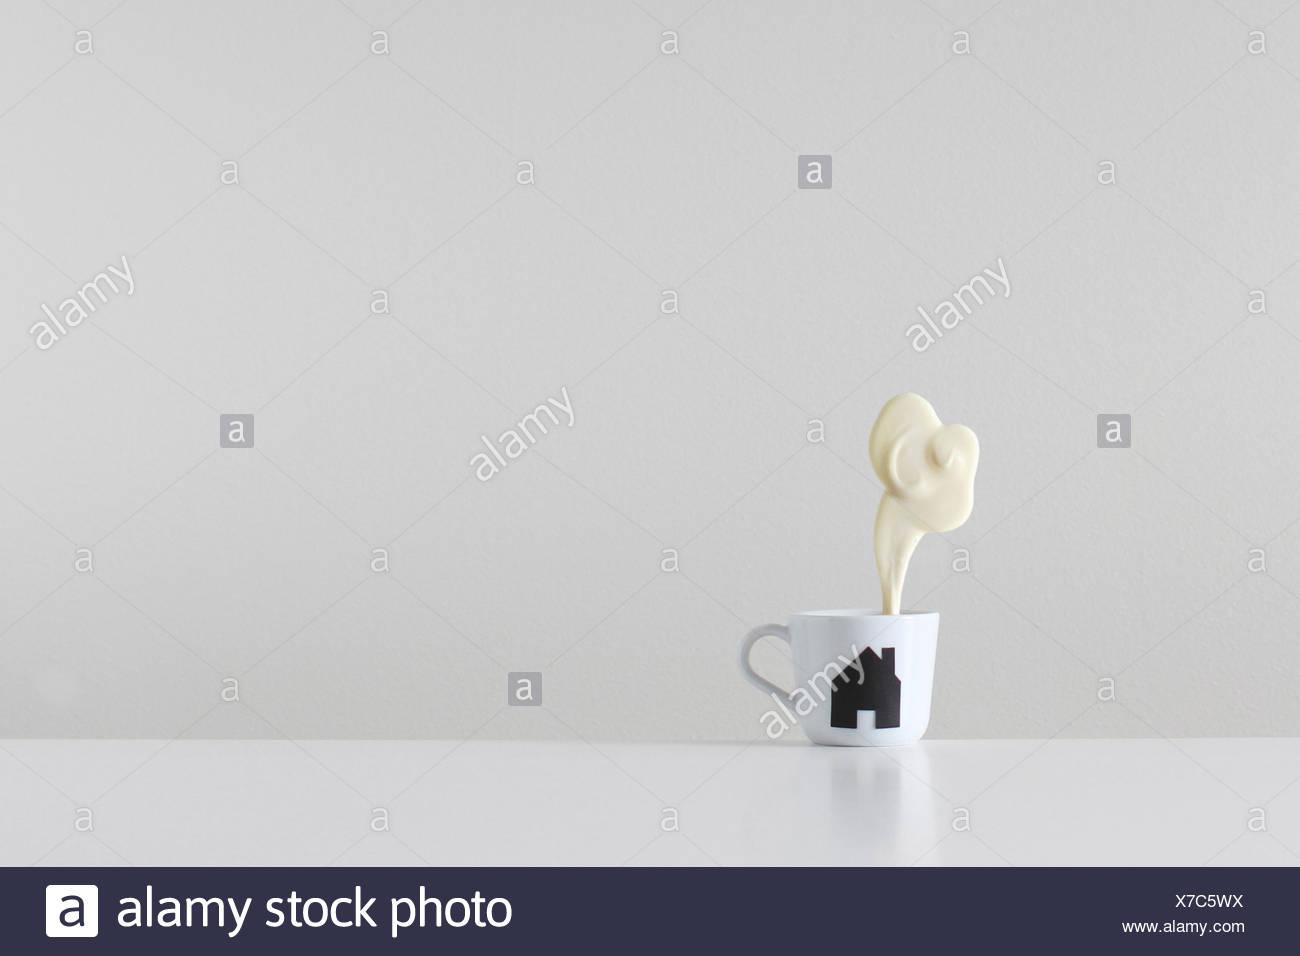 Home brew, tasse de thé avec maison ossature imprimer et la vapeur fait de chocolat blanc venant de la cheminée Photo Stock